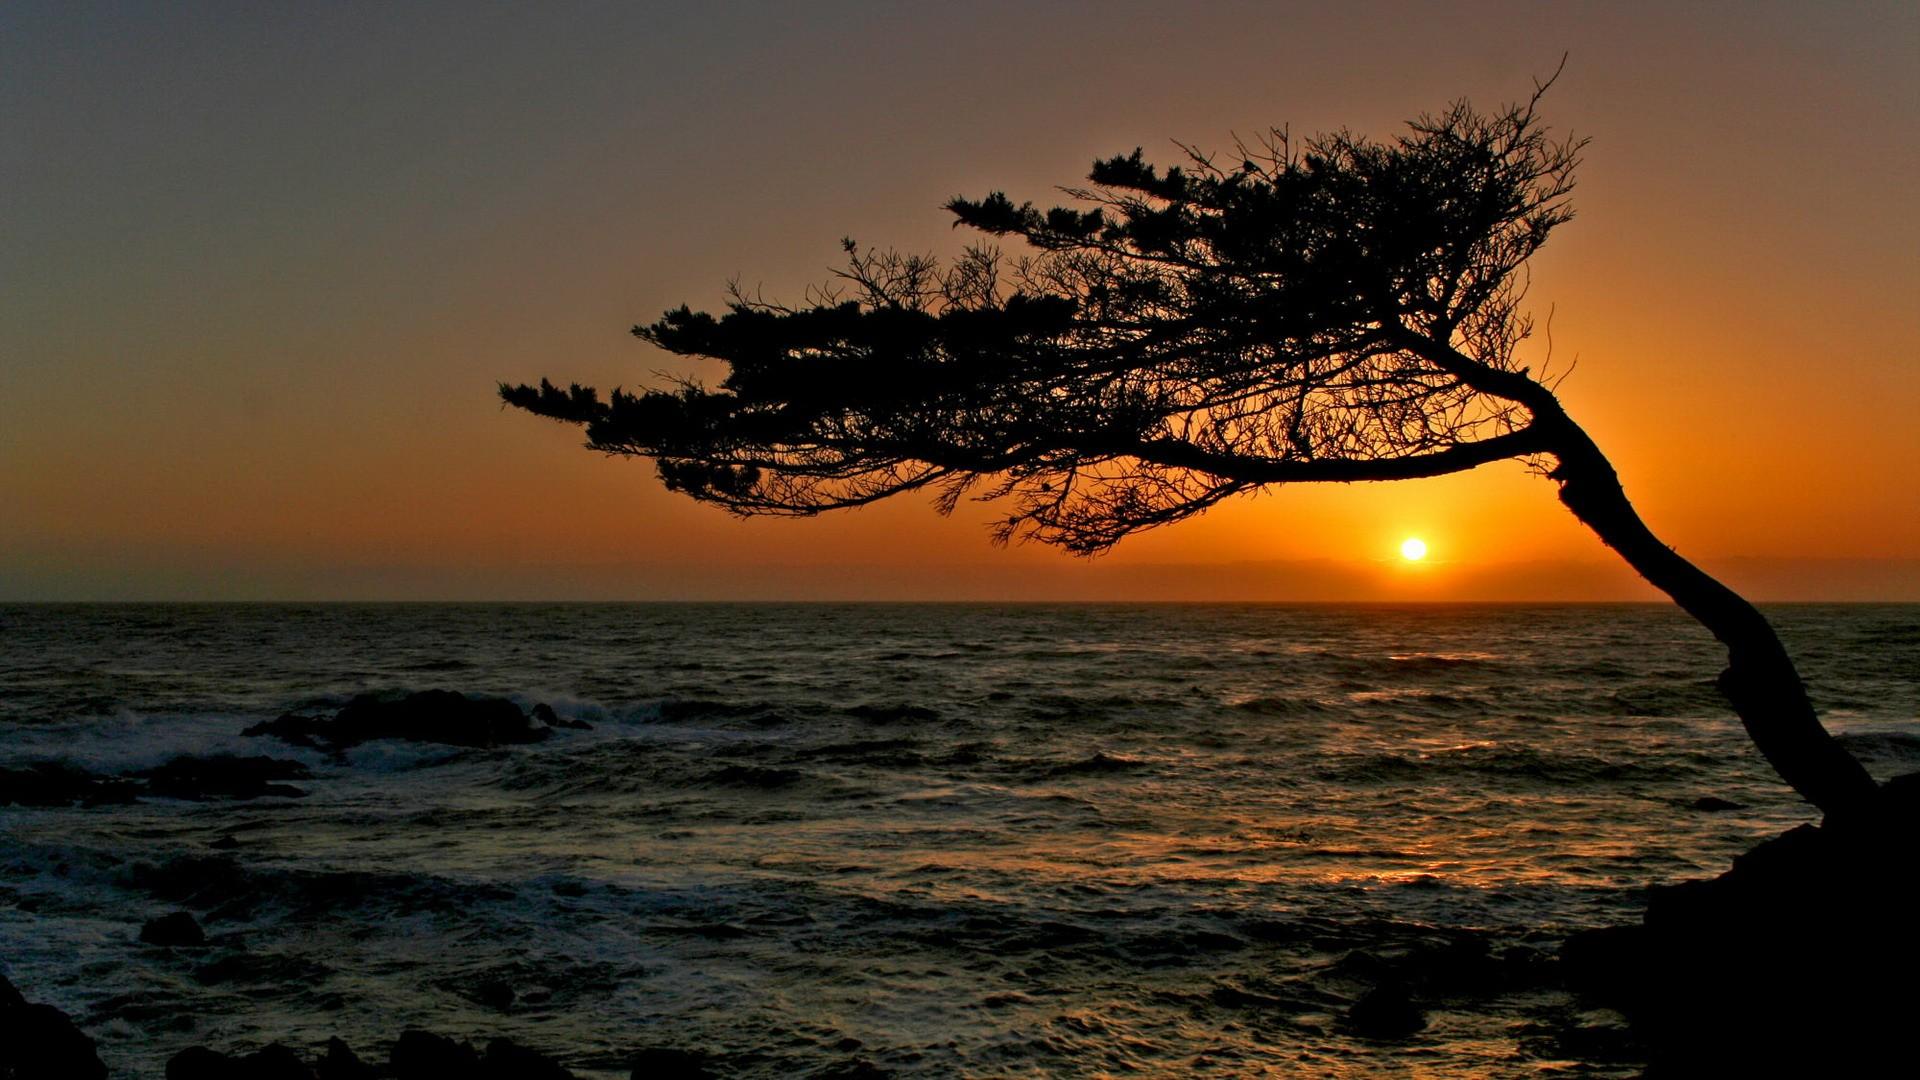 California Sunset Wallpaper - WallpaperSafari